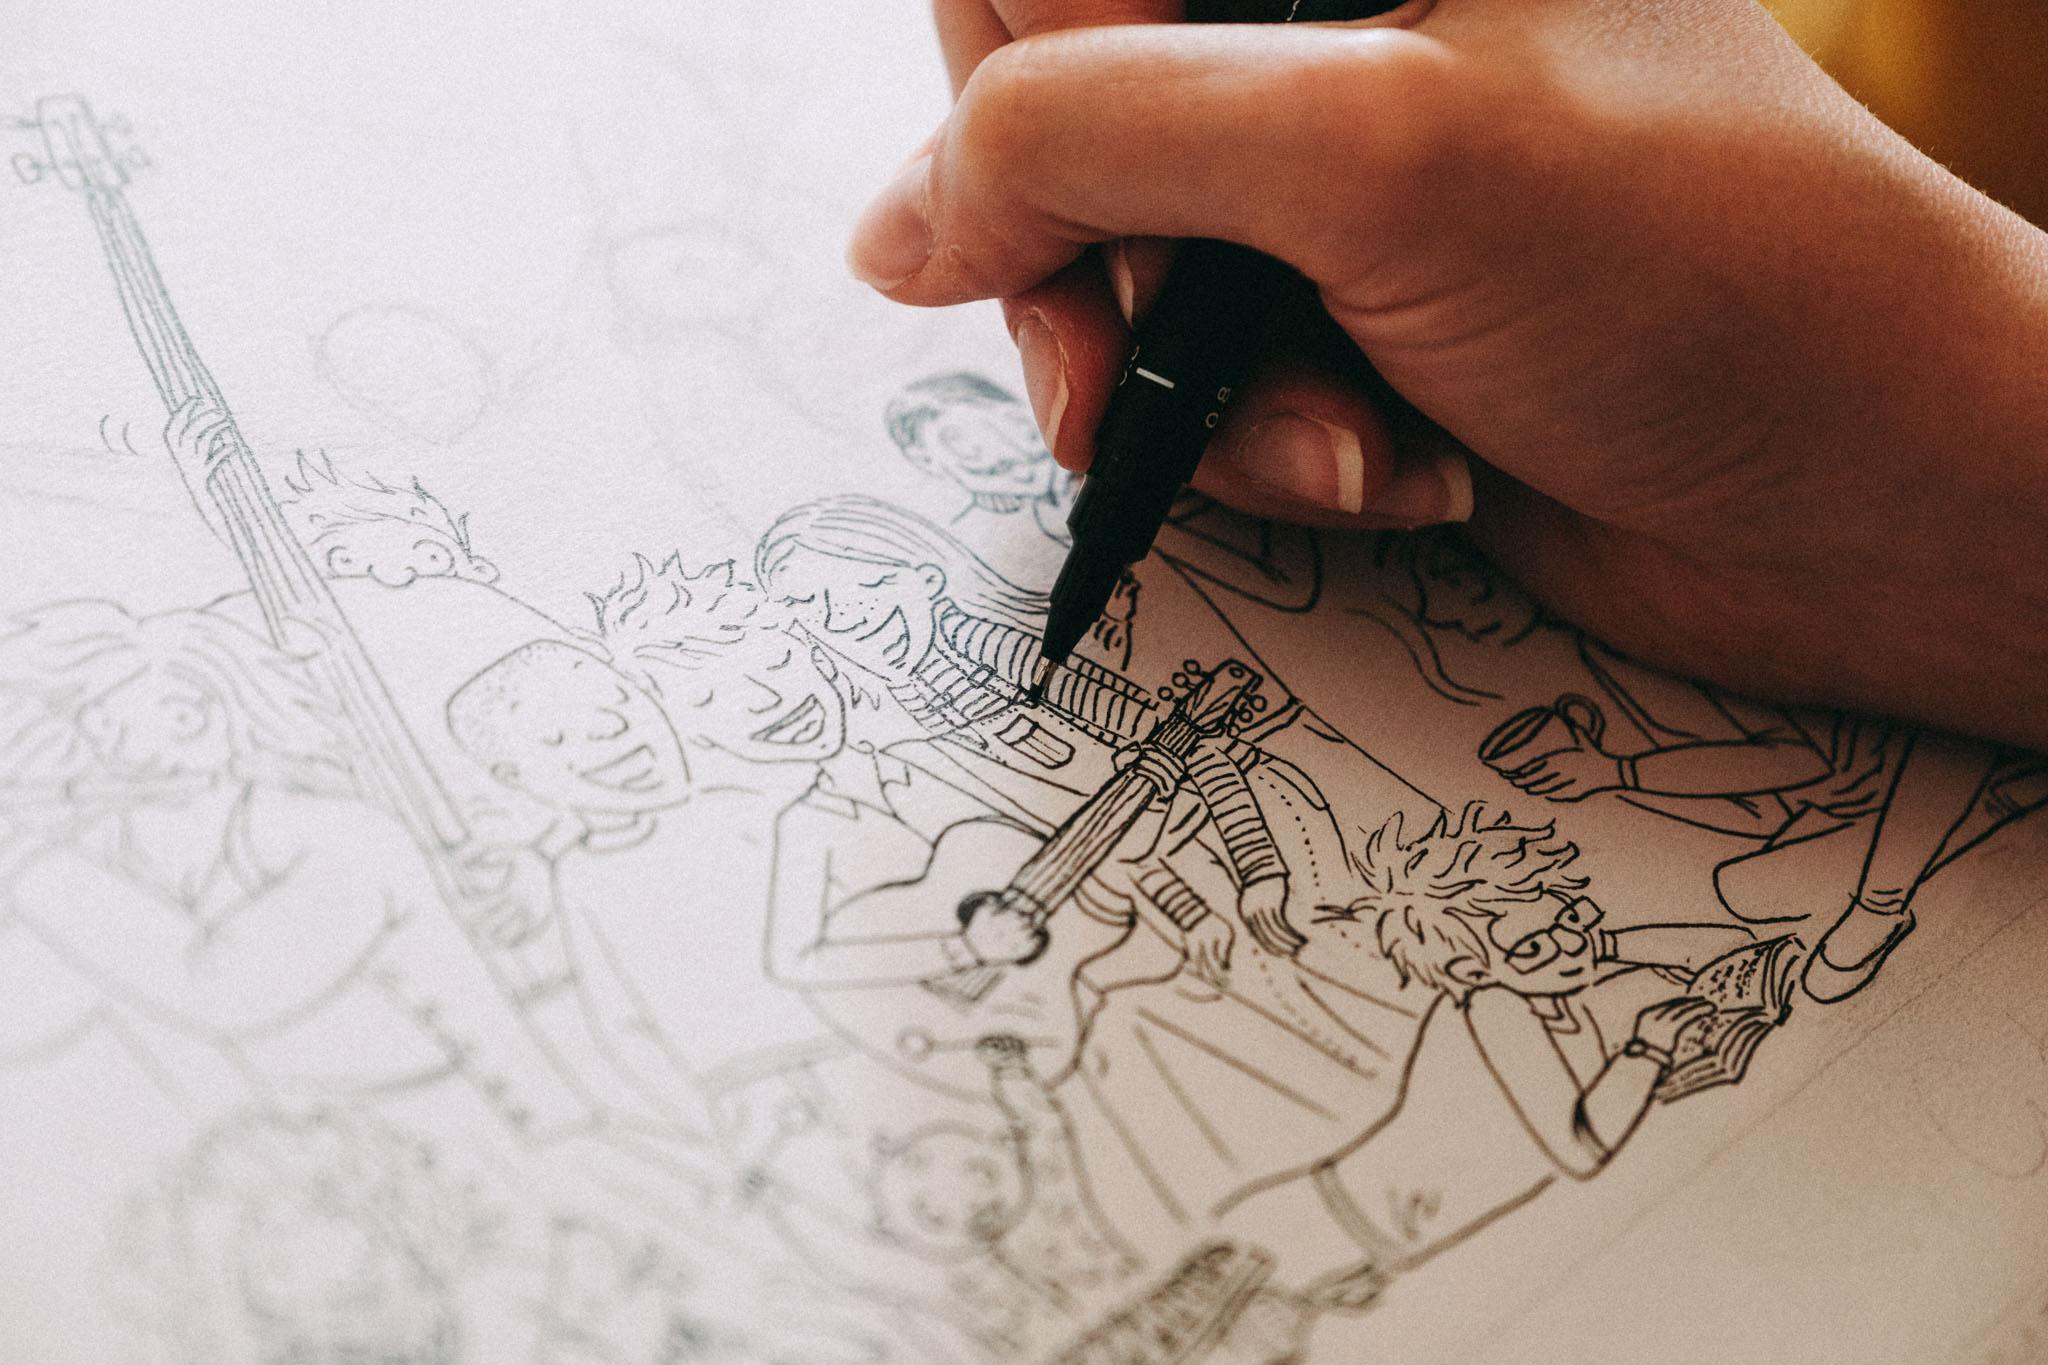 croft-illustrated-160714-144724.jpg